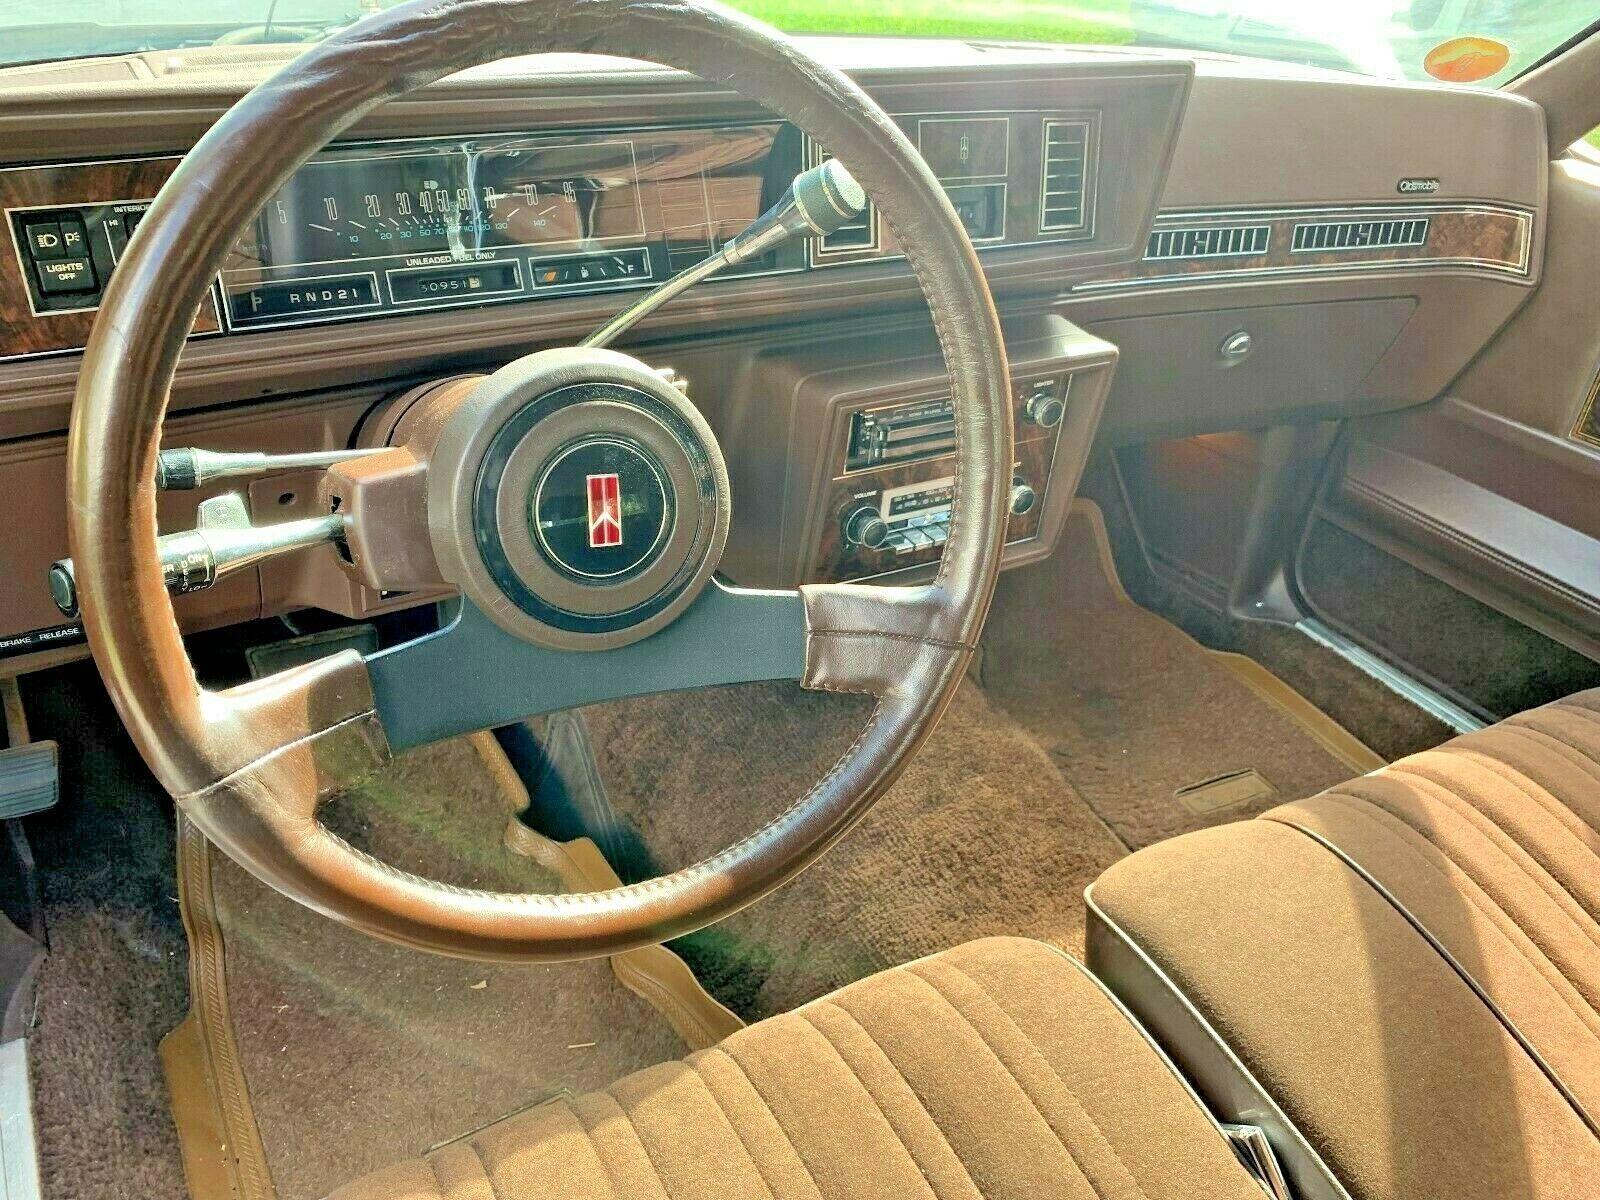 Oldsmobile Cutlass Supreme 1983 For Sale In 2020 Oldsmobile Cutlass Supreme Oldsmobile Oldsmobile Cutlass